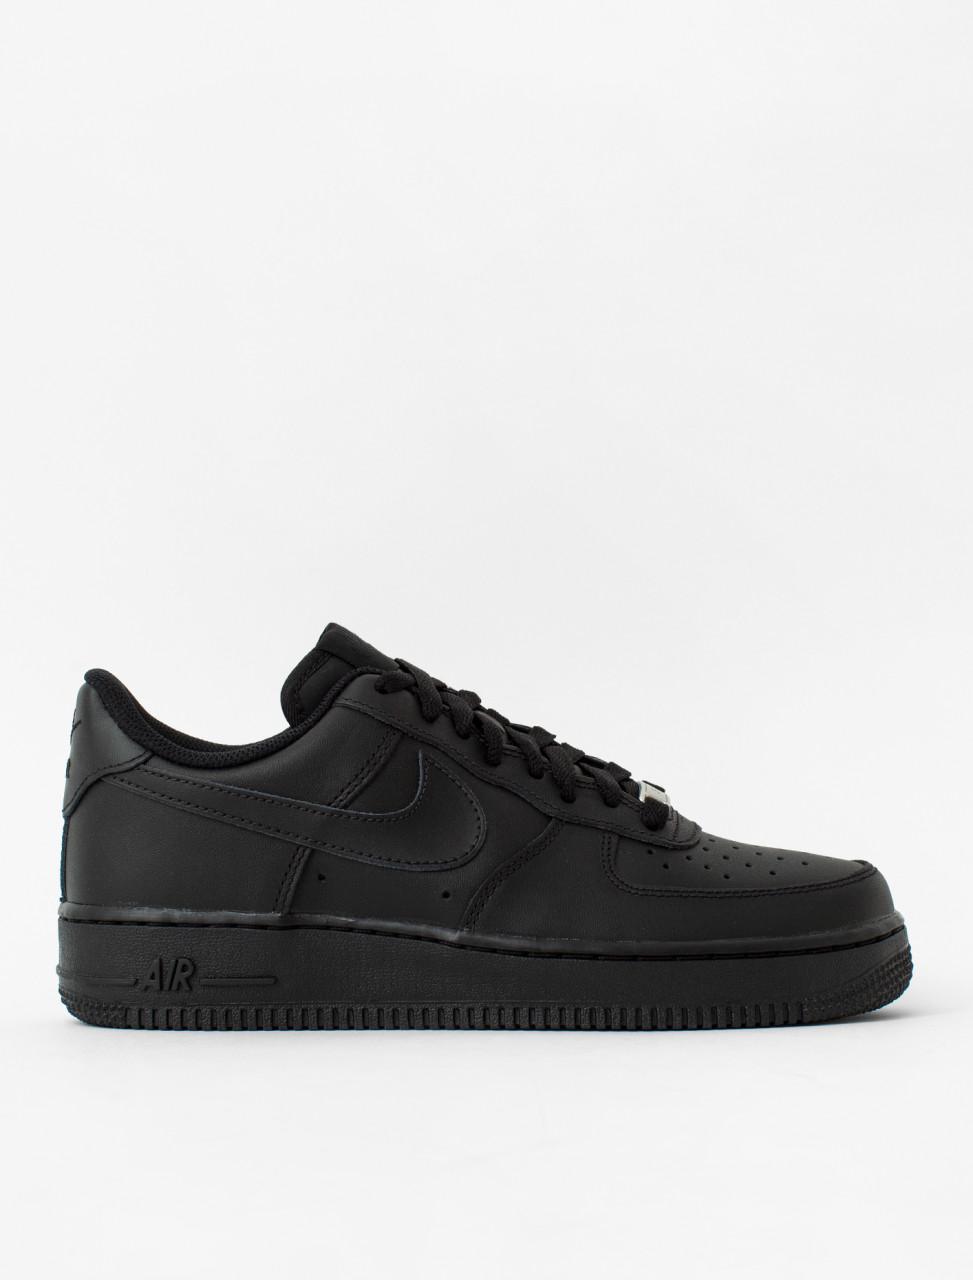 Air Force 1 '07 Sneaker in Black